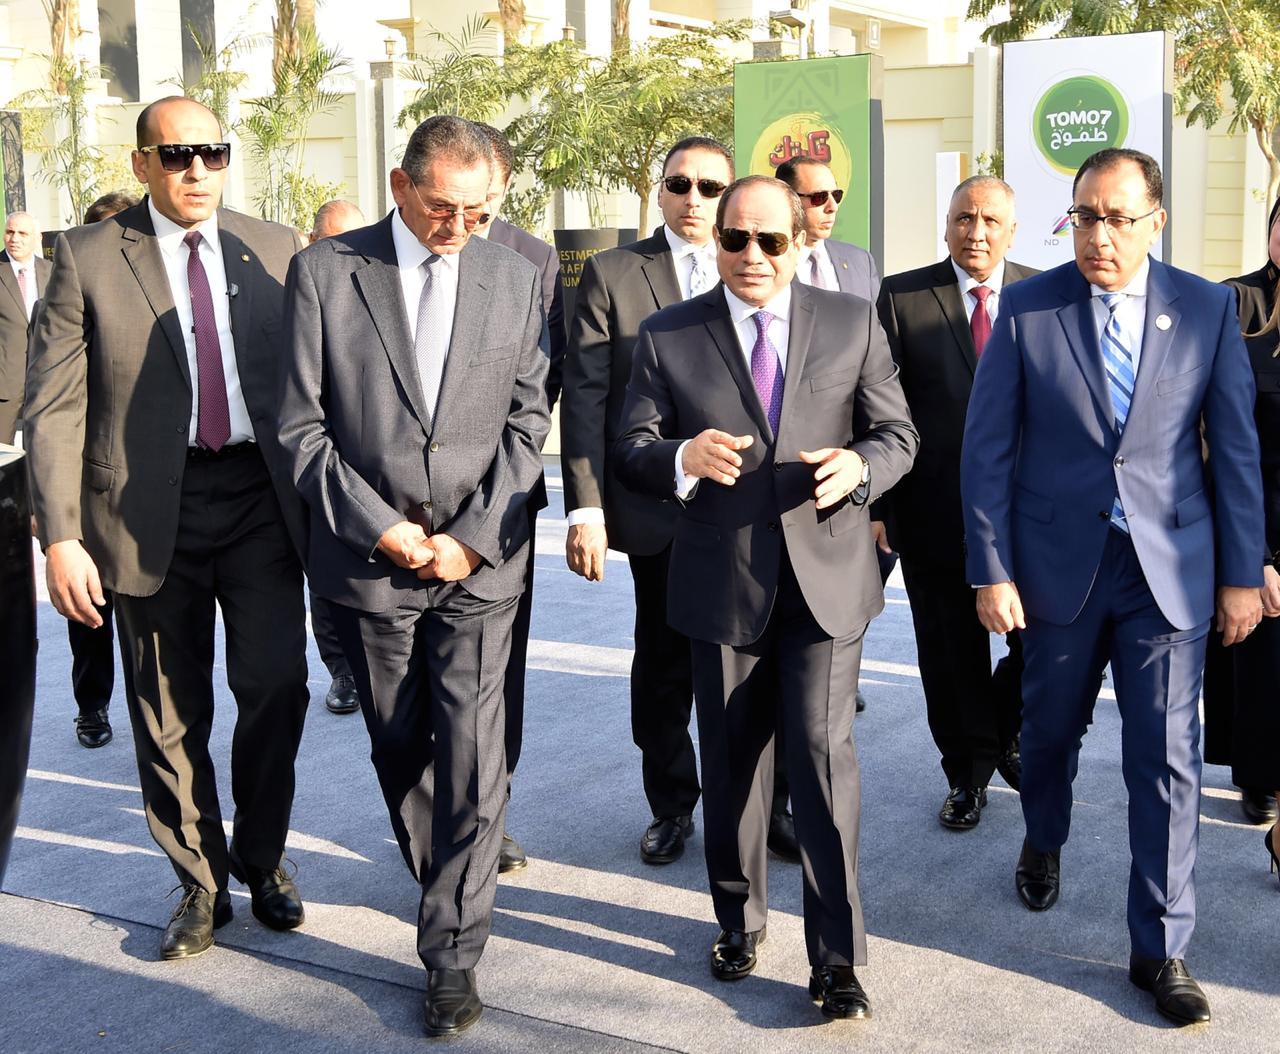 صور  الرئيس السيسي يتفقد معرض صندوق تحيا مصر